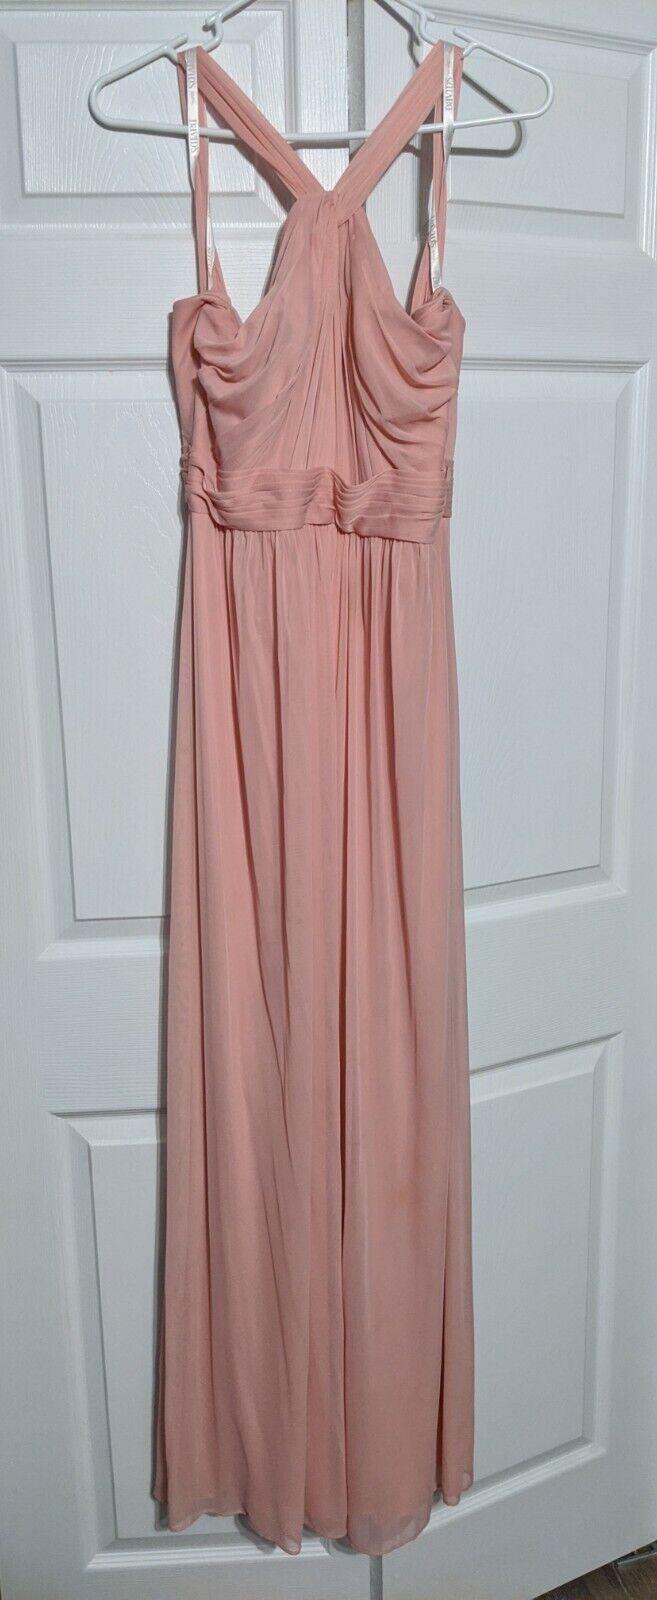 David's Bridal Y-Neck Long Mesh Ballet Dress Sz 6 Style W11173